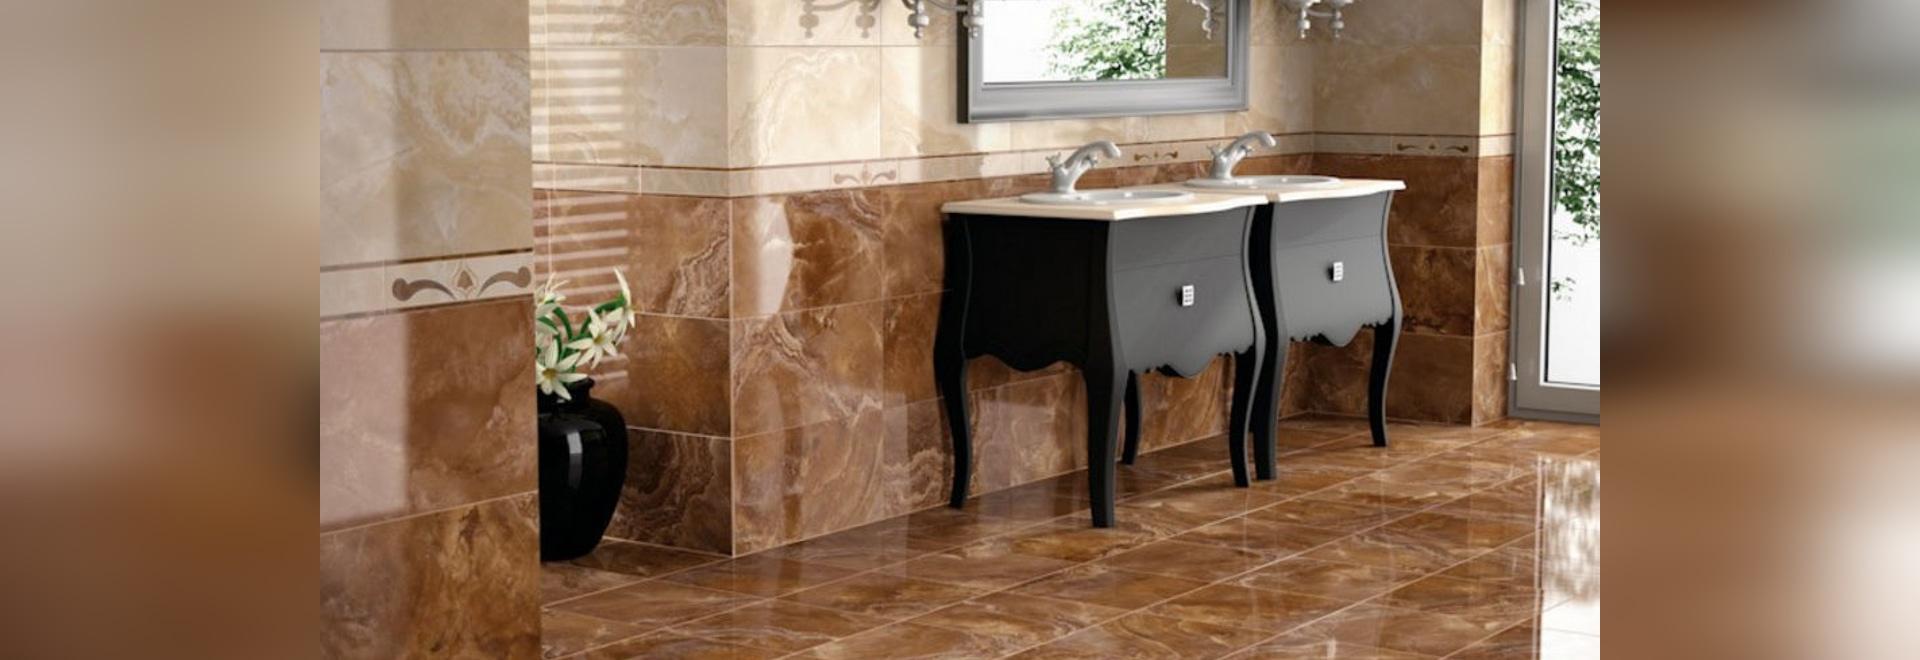 NUEVO: azulejo del cuarto de baño por ITALGRES - ITALGRES